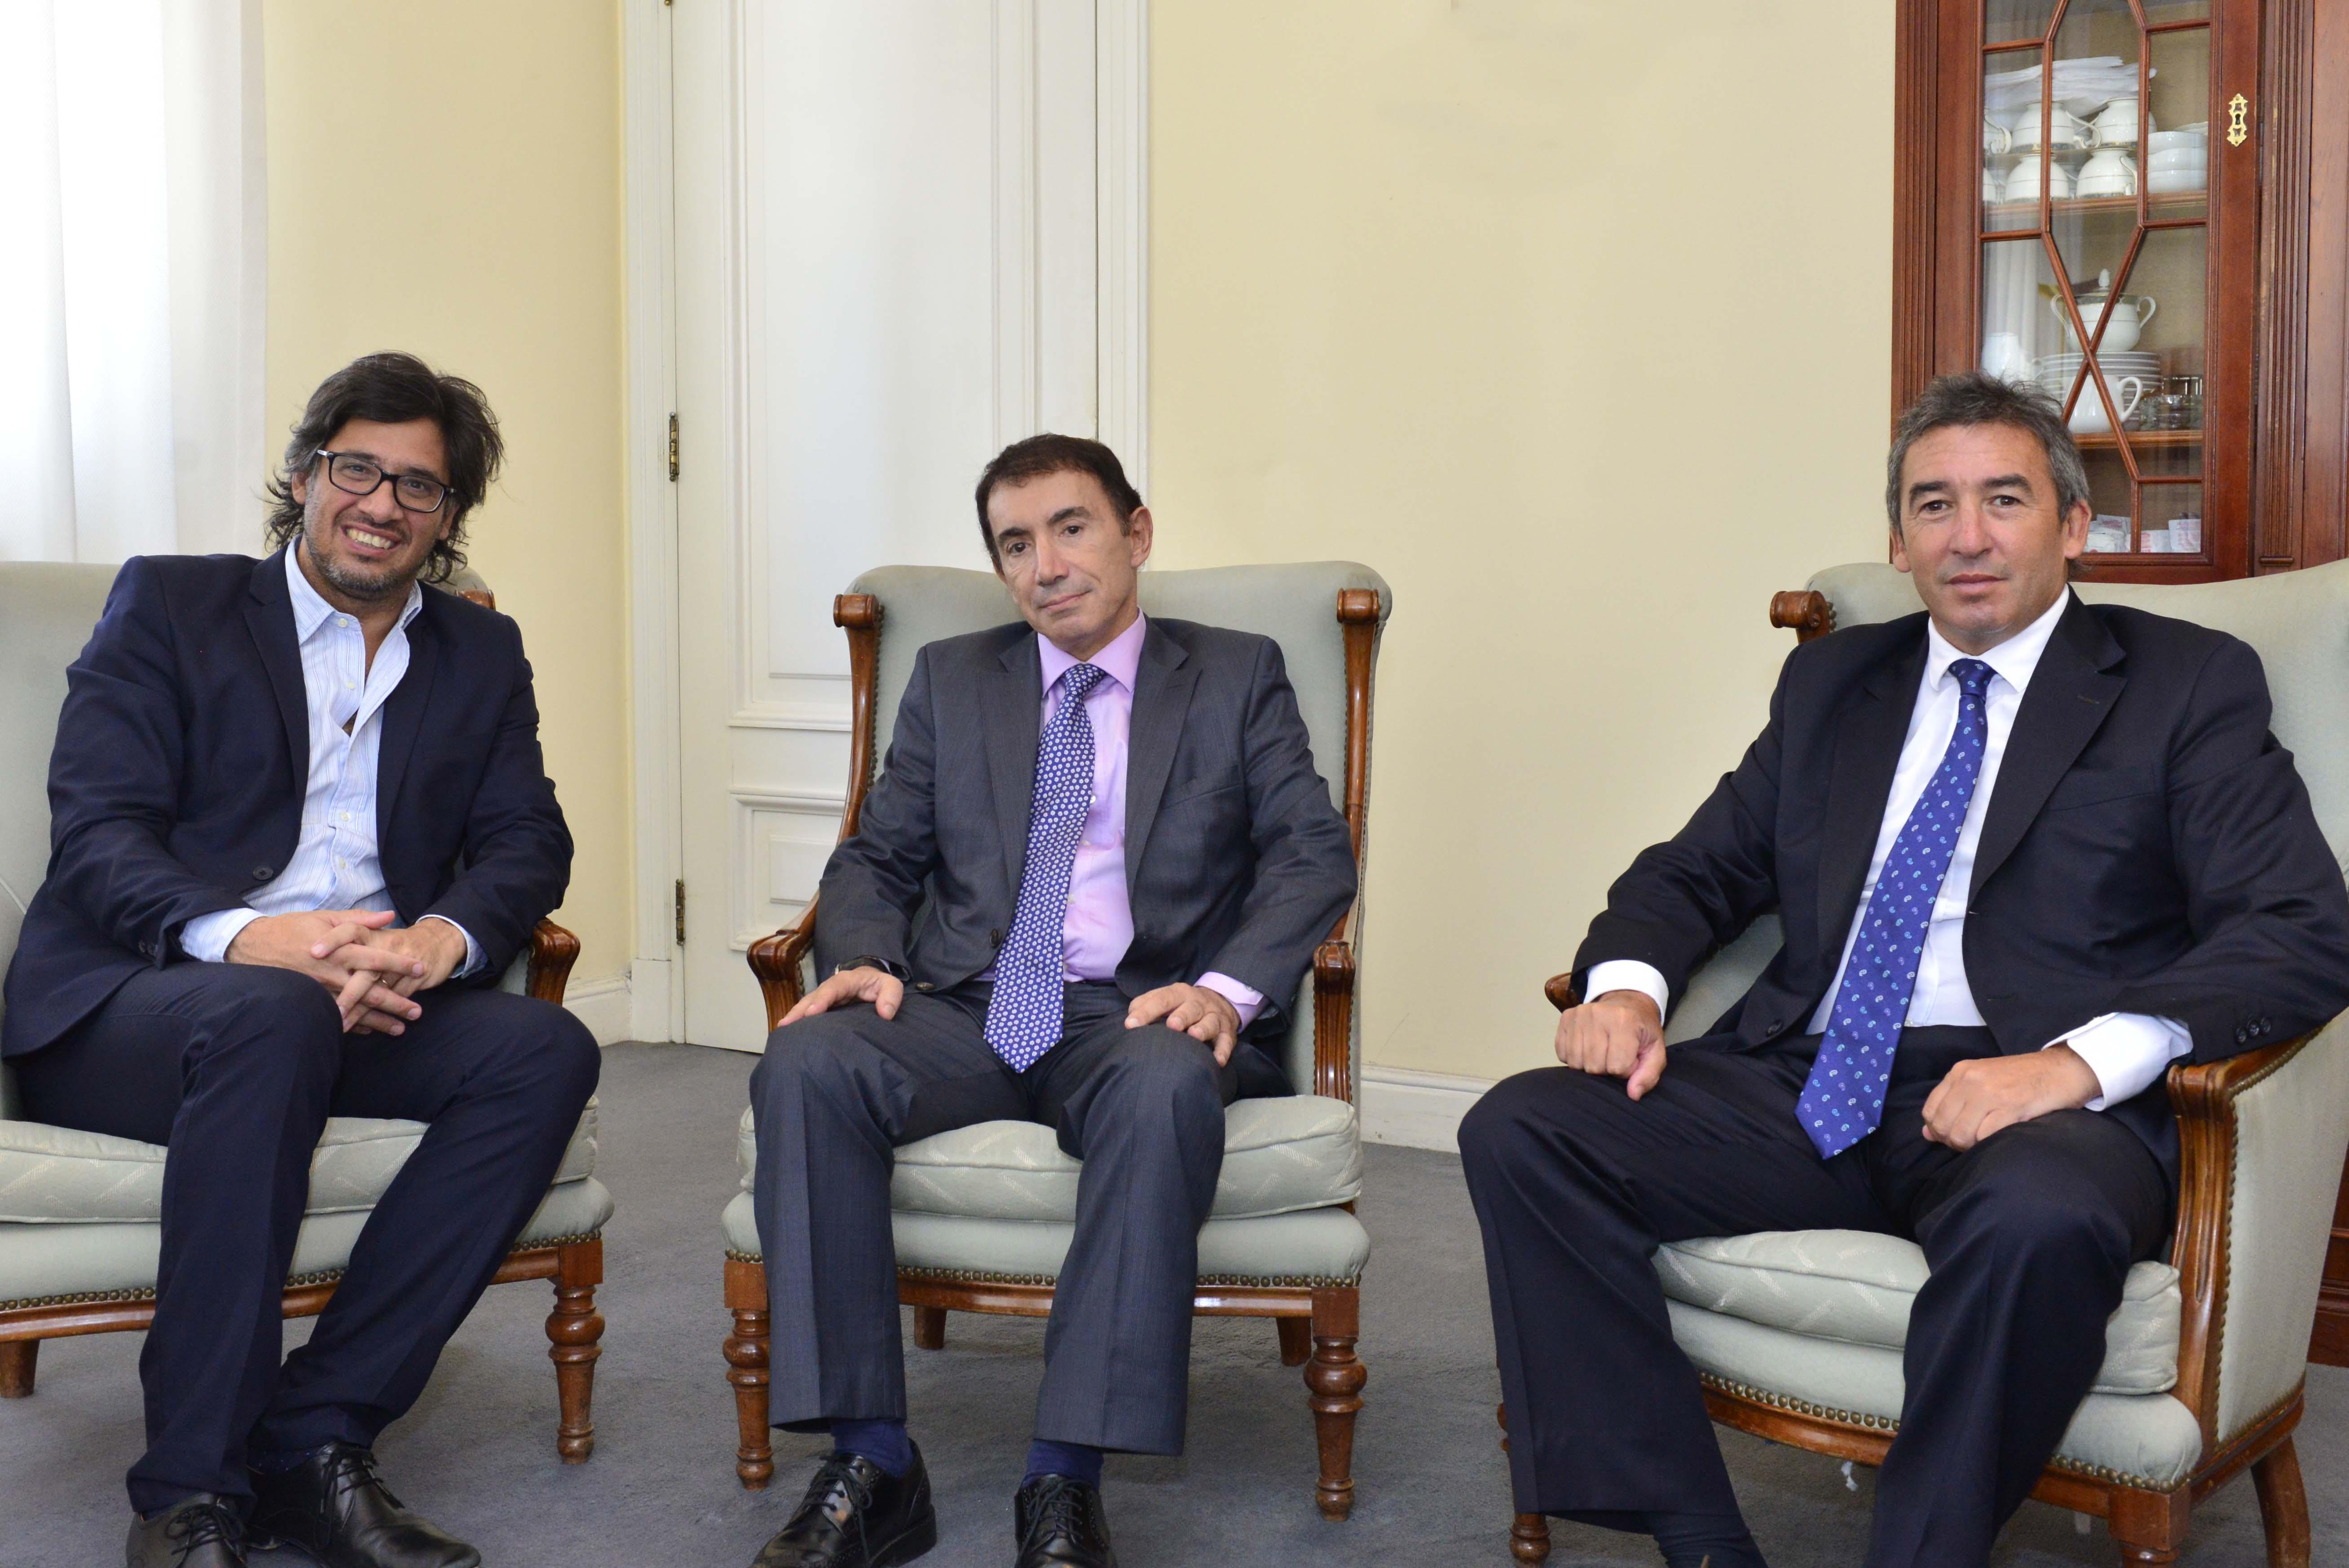 Encuentro de Garavano con el presidente del Tribunal Superior de Justicia de Córdoba